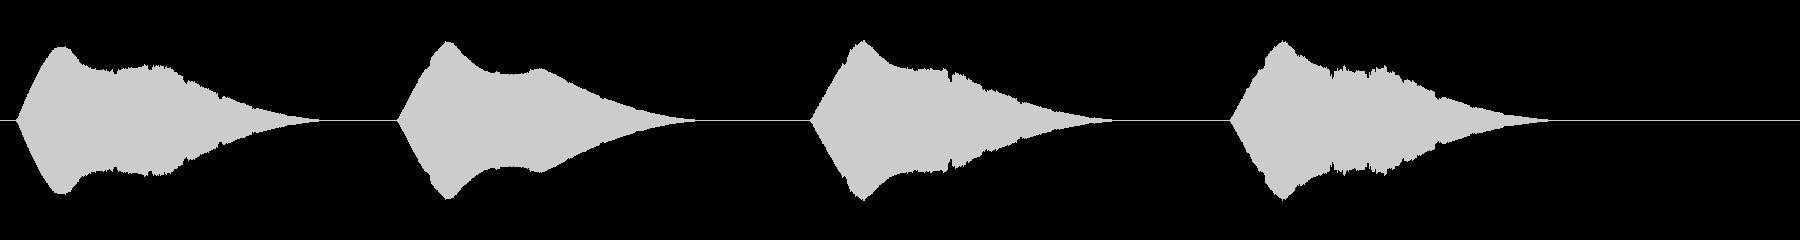 トーンパルススイープハイジップアップの未再生の波形